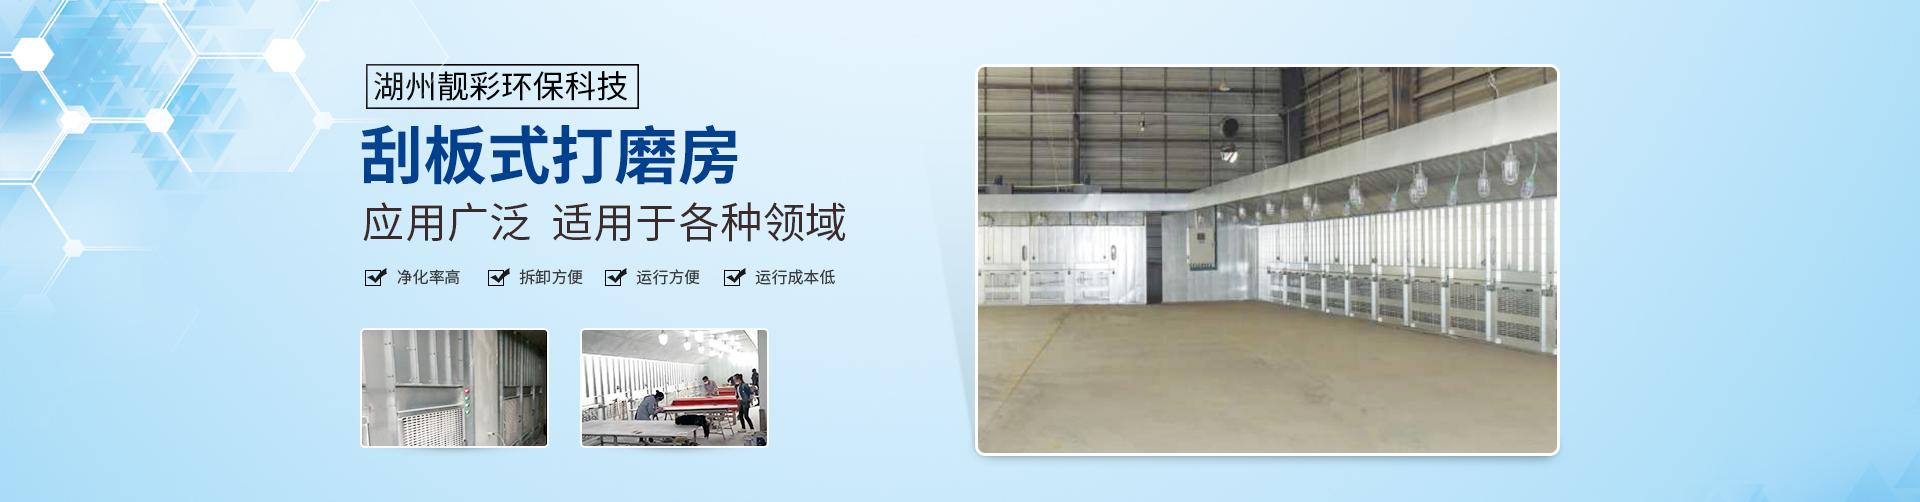 废水处理设施,废水处理设备厂家